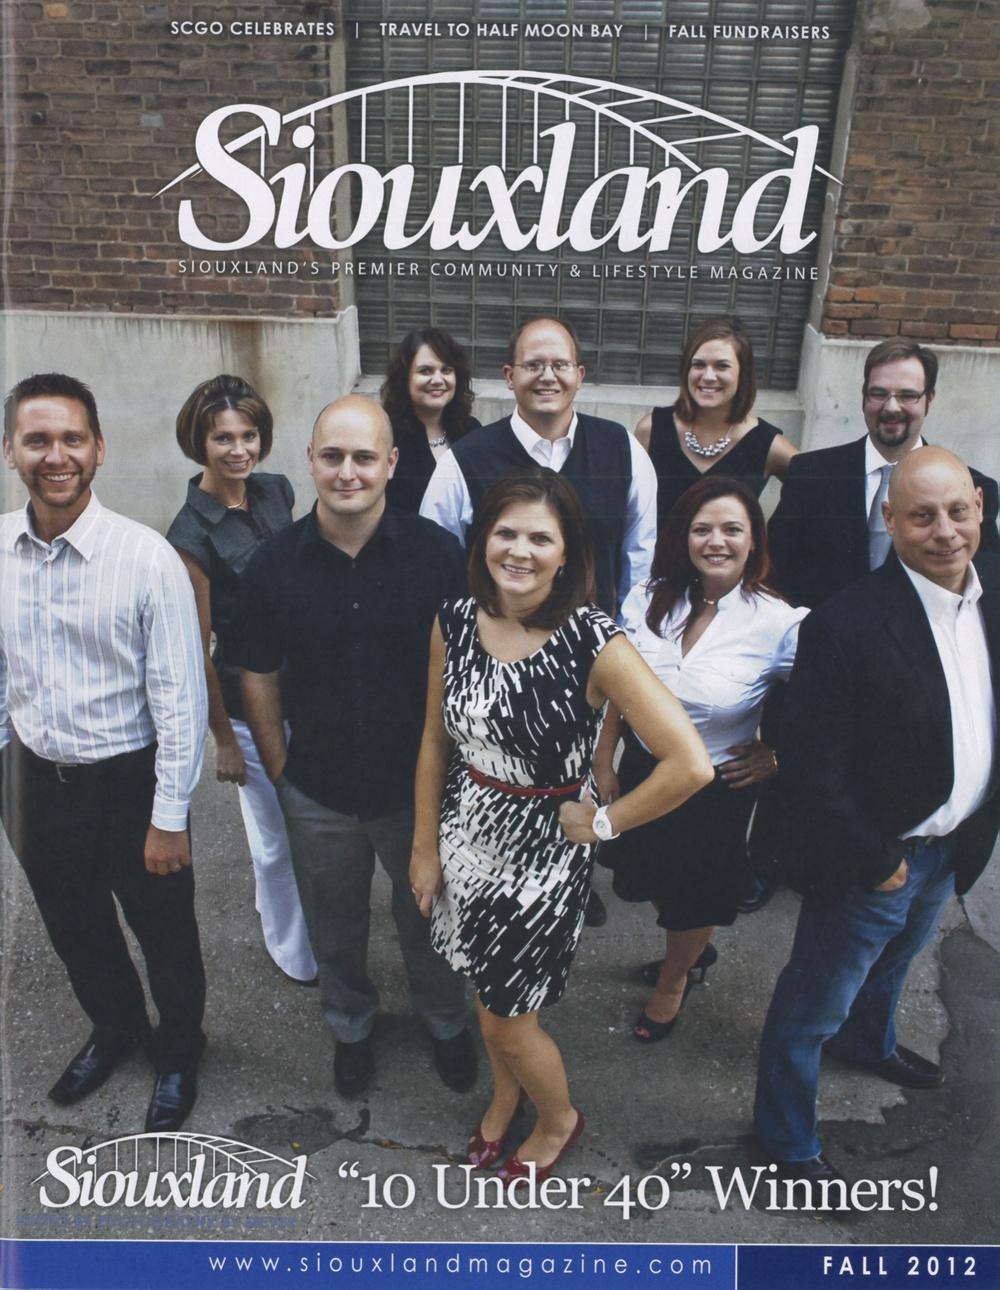 Siouxland.2012.1.jpg